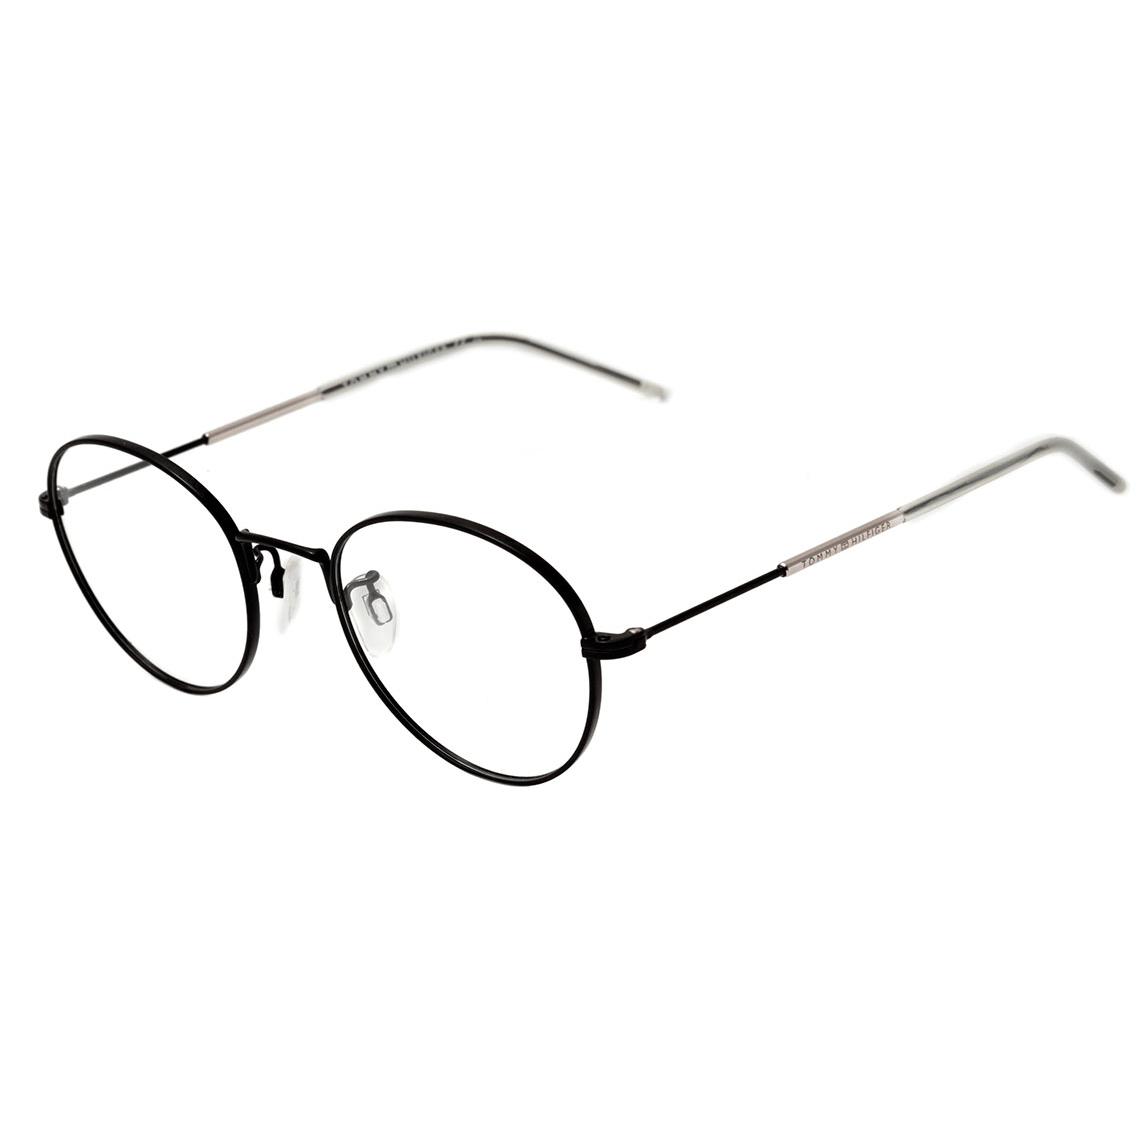 Armação de óculos Tommy Hilfiger TH 1575 F 807 5222 - Para Todos ef635bfc44